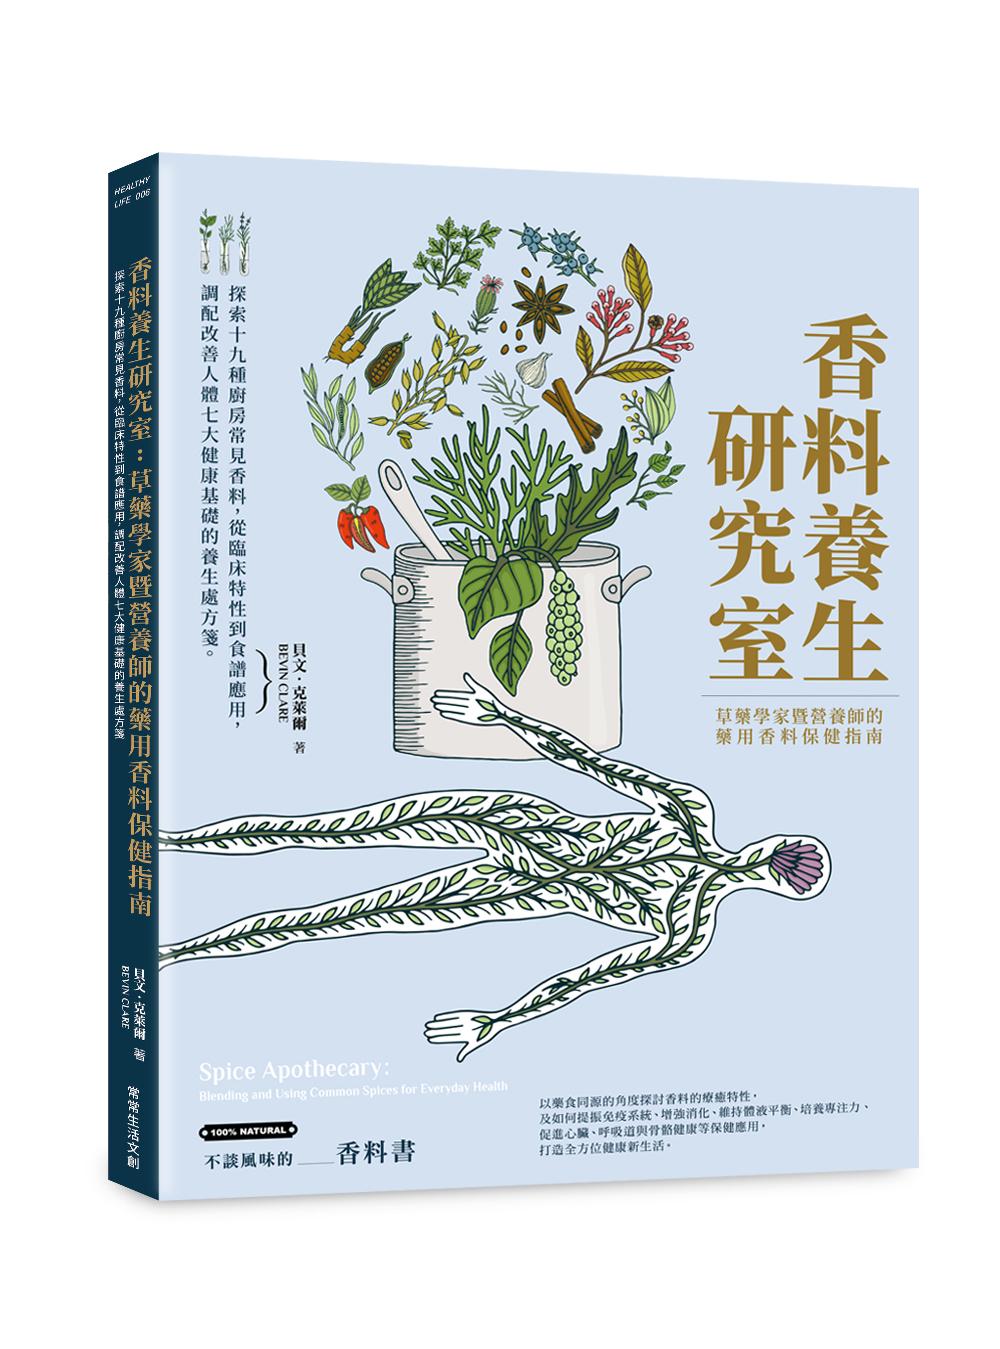 香料養生研究室:草藥學家暨營養師的藥用香料保健指南